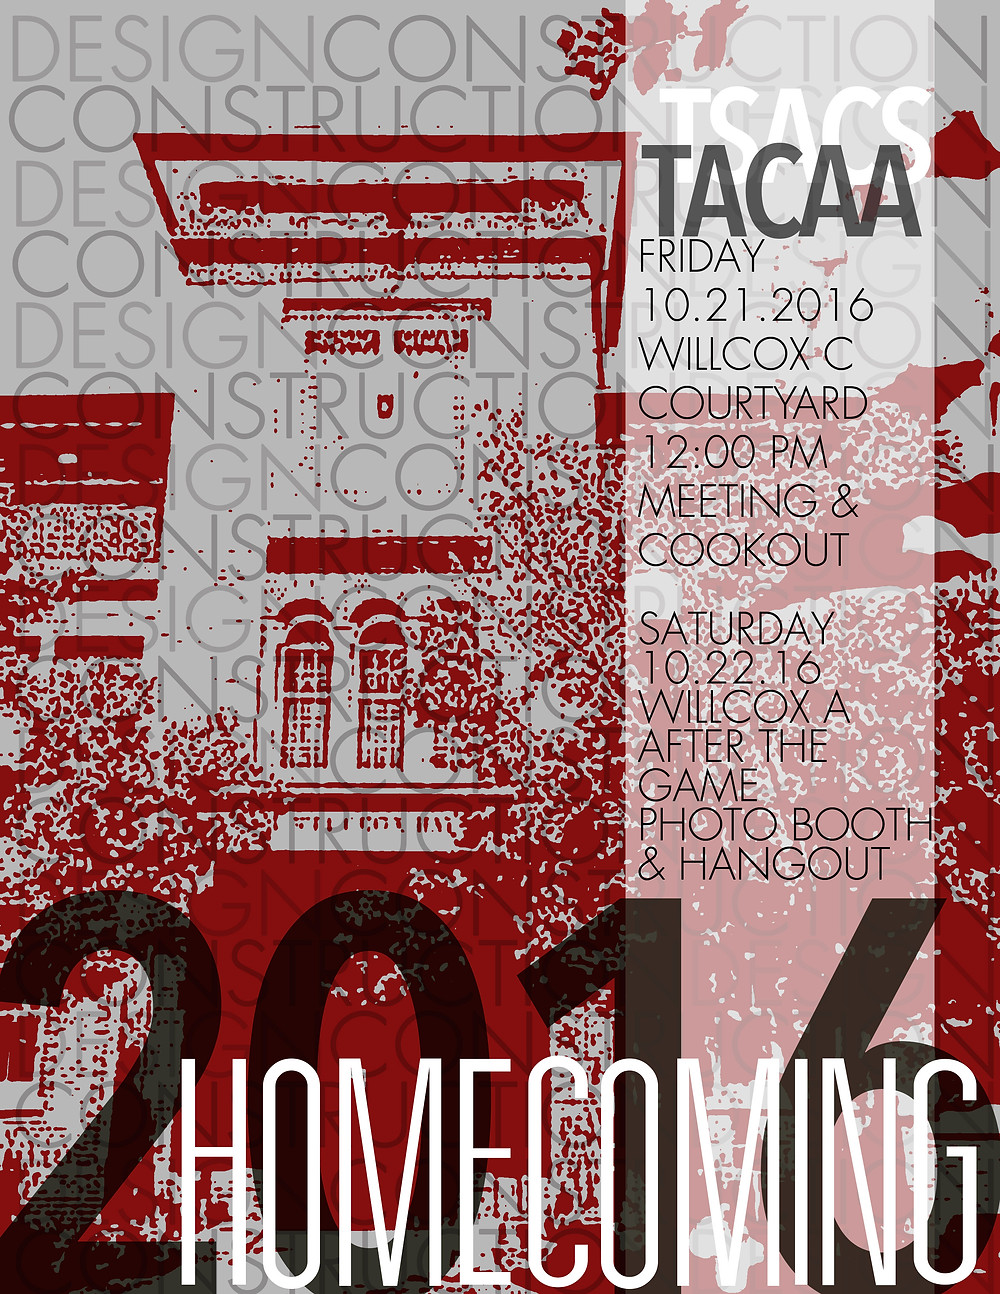 TACAA Homecoming Meeting & Cookout, Friday, October 21, 2016 @ 11am